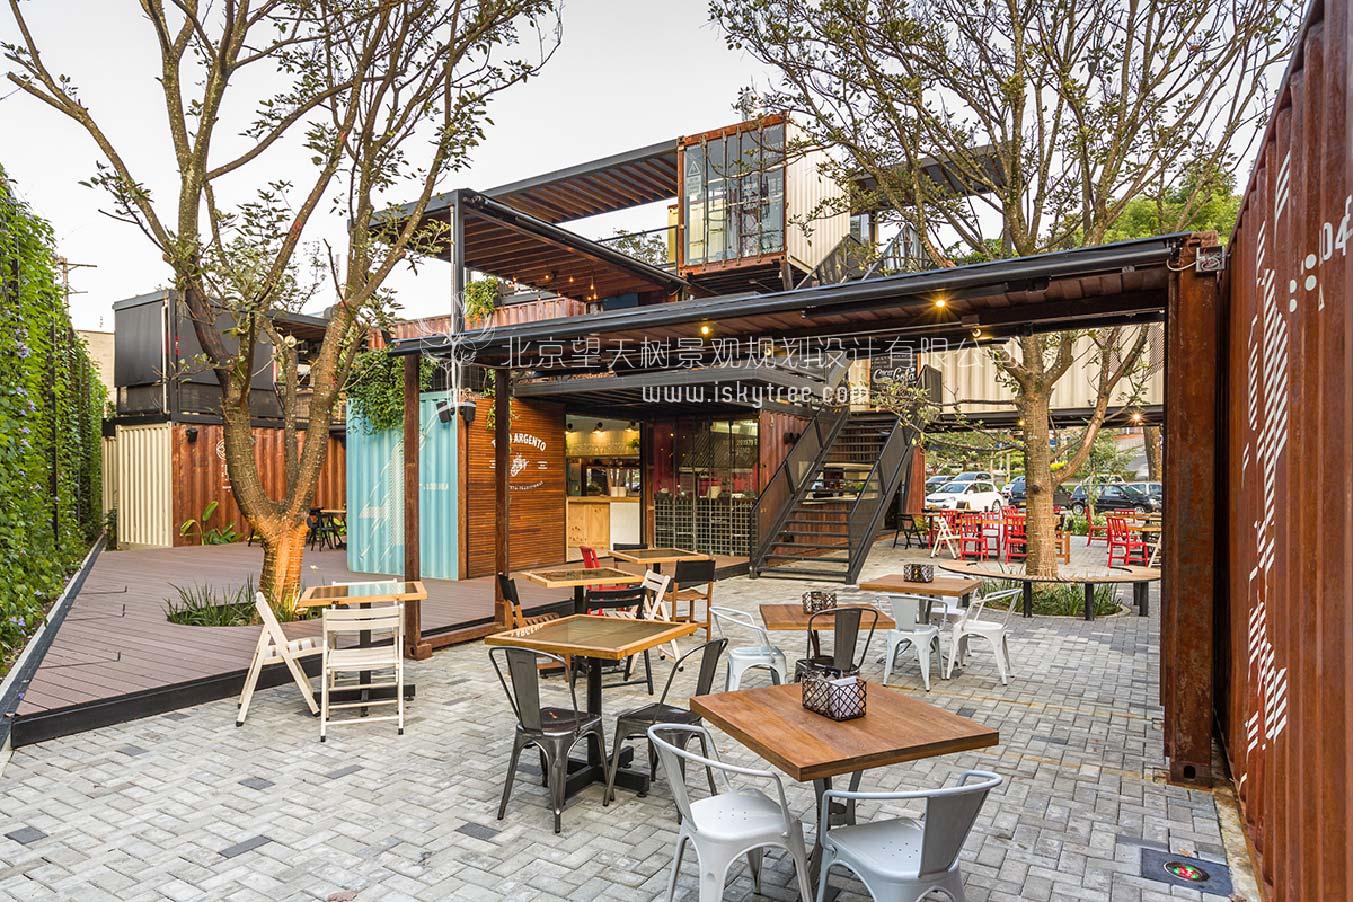 集装箱露天餐厅室外空间景观设计